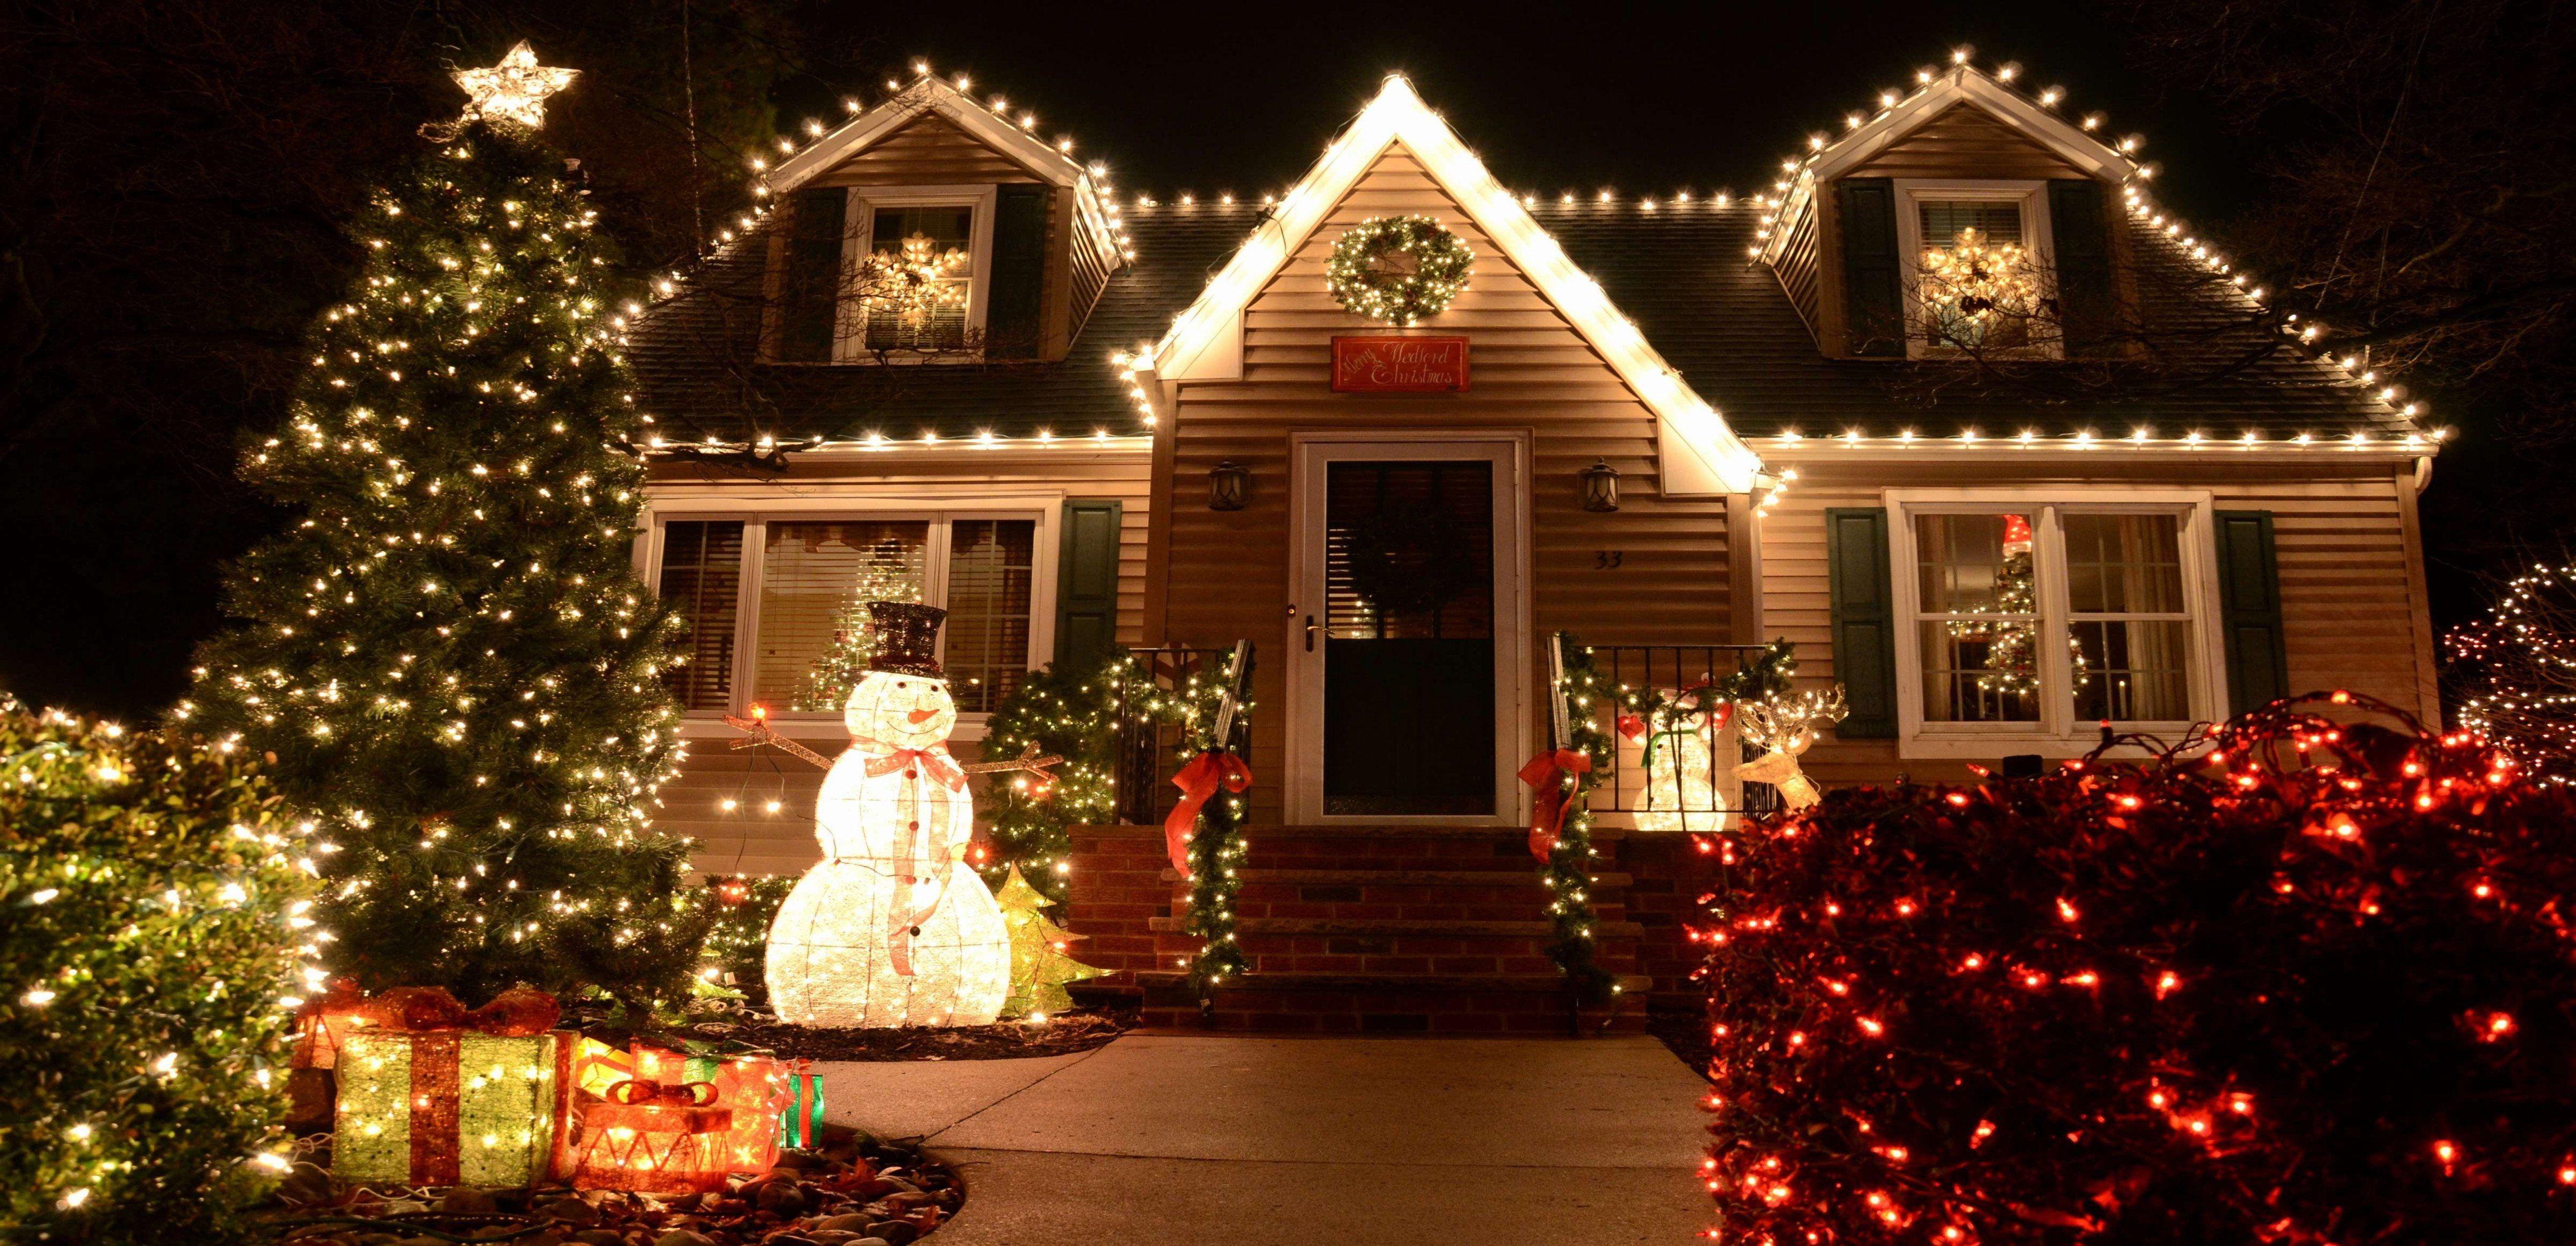 Christmas Lamp Post Decoration Ideas Unique Christmas Porch Decorating Ideas Lux In 2020 Diy Christmas Lights Outdoor Christmas Lights Decorating With Christmas Lights